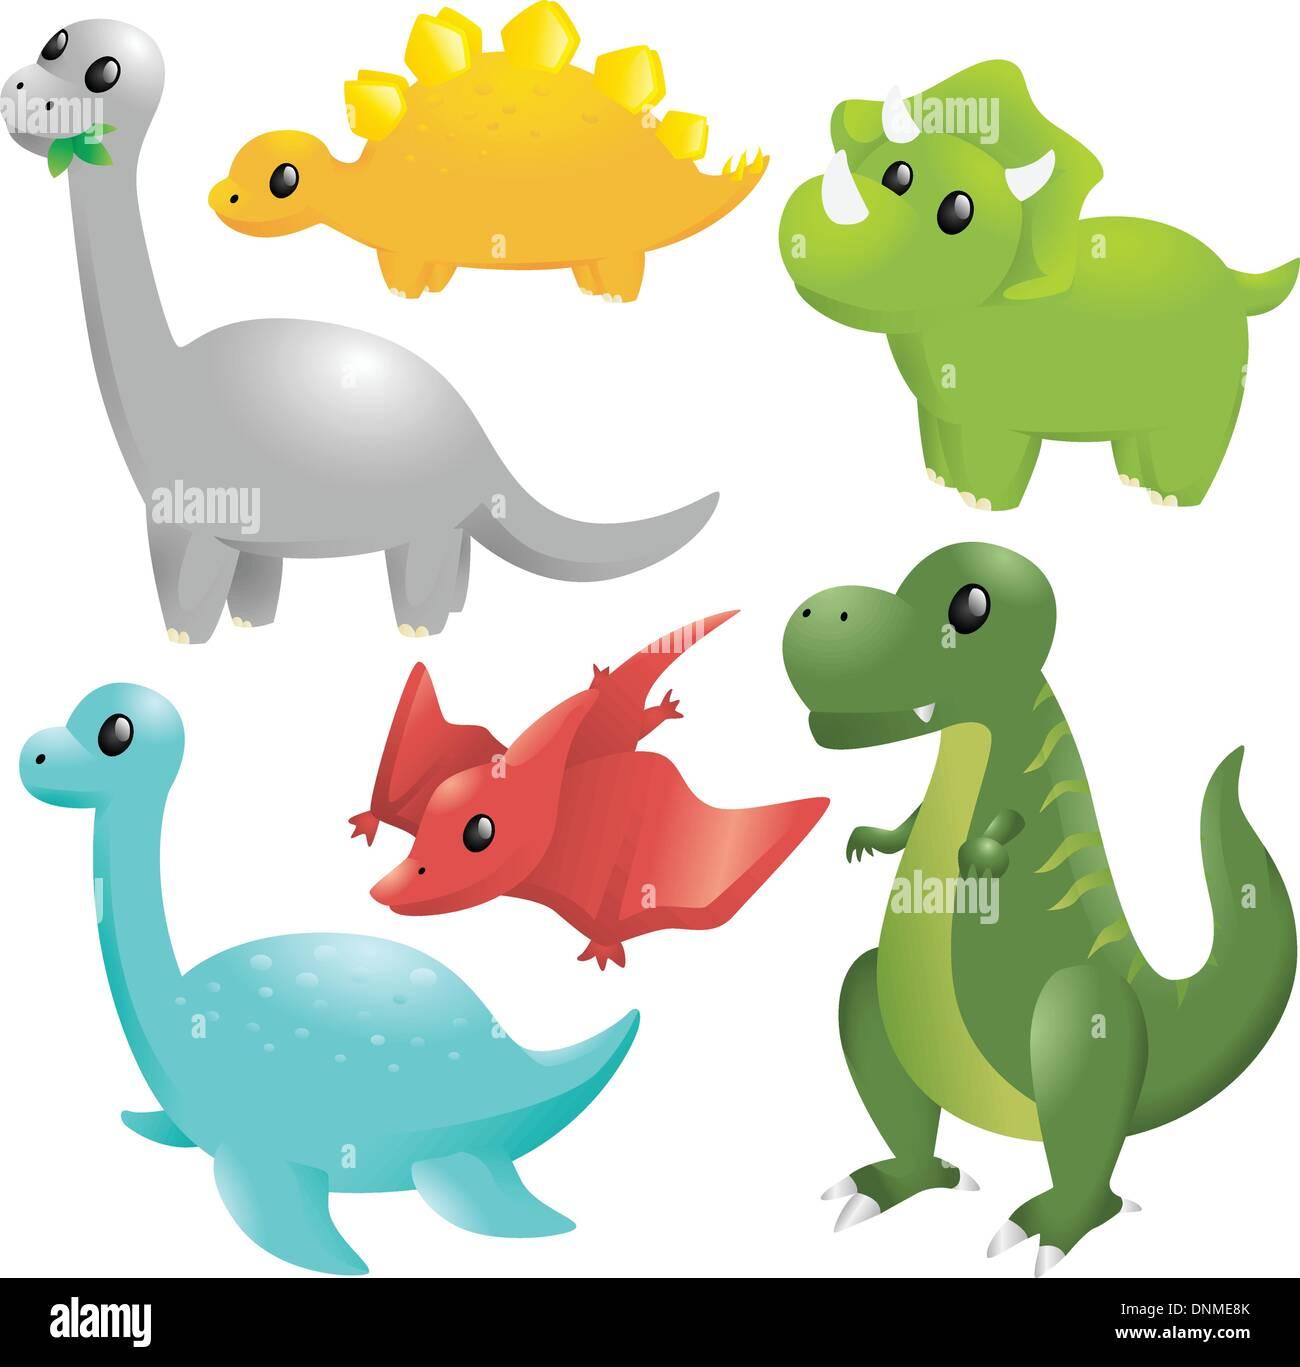 Coloriage Dinosaure Qui Se Battent.Illustration Dinosaurs Photos Illustration Dinosaurs Images Alamy